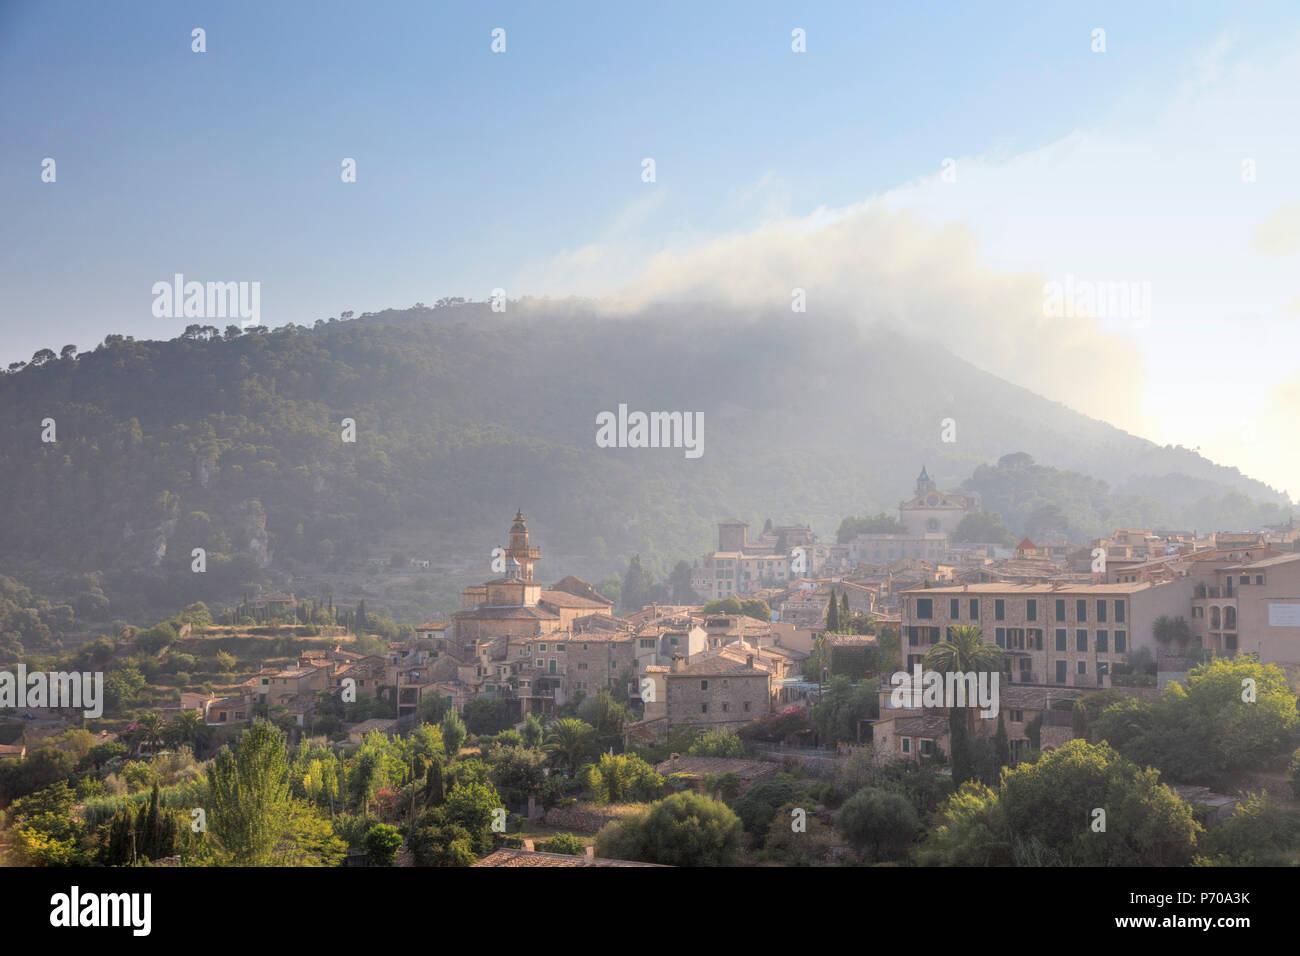 España, Islas Baleares, Mallorca, Valldemossa Mountain Village Imagen De Stock